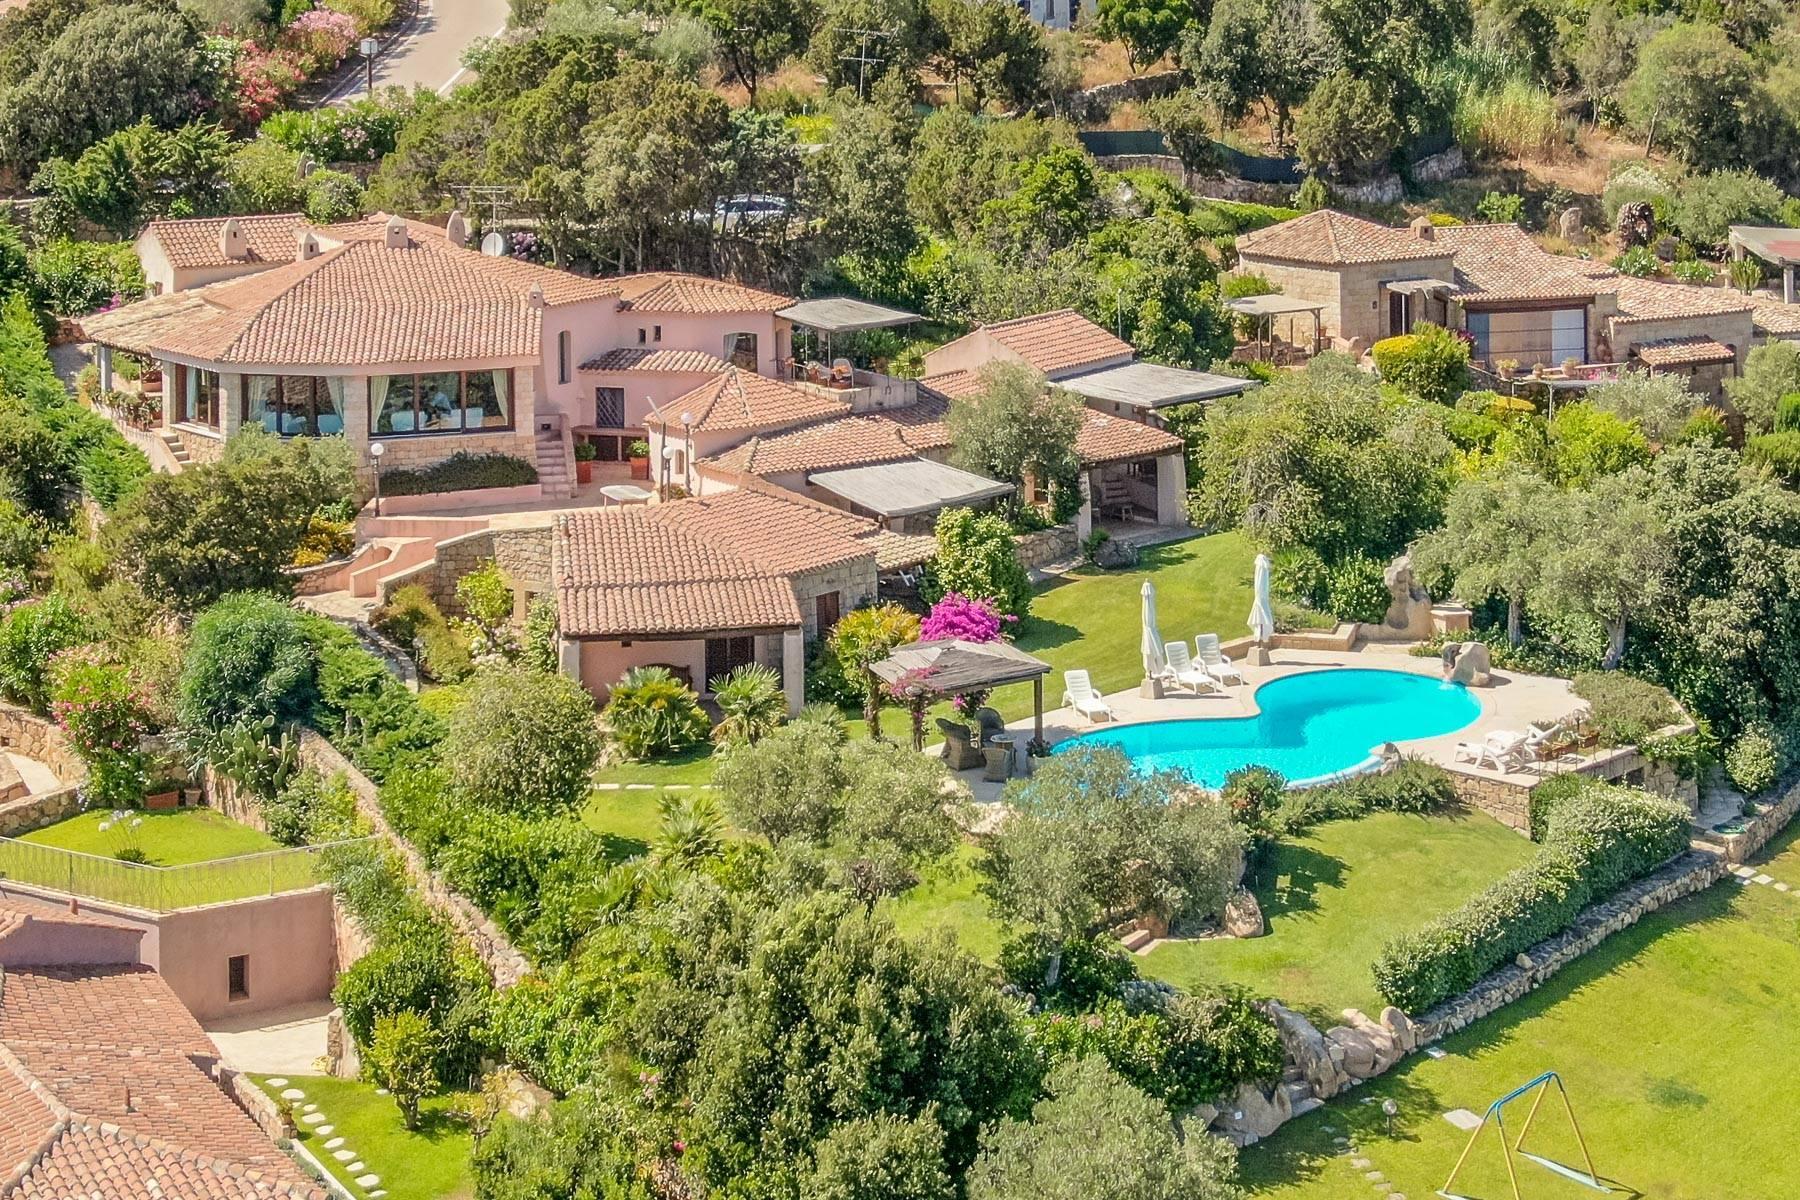 Bellissima villa indipendente con piscina a pochi passi dal Golf Club e Cala di Volpe - 3